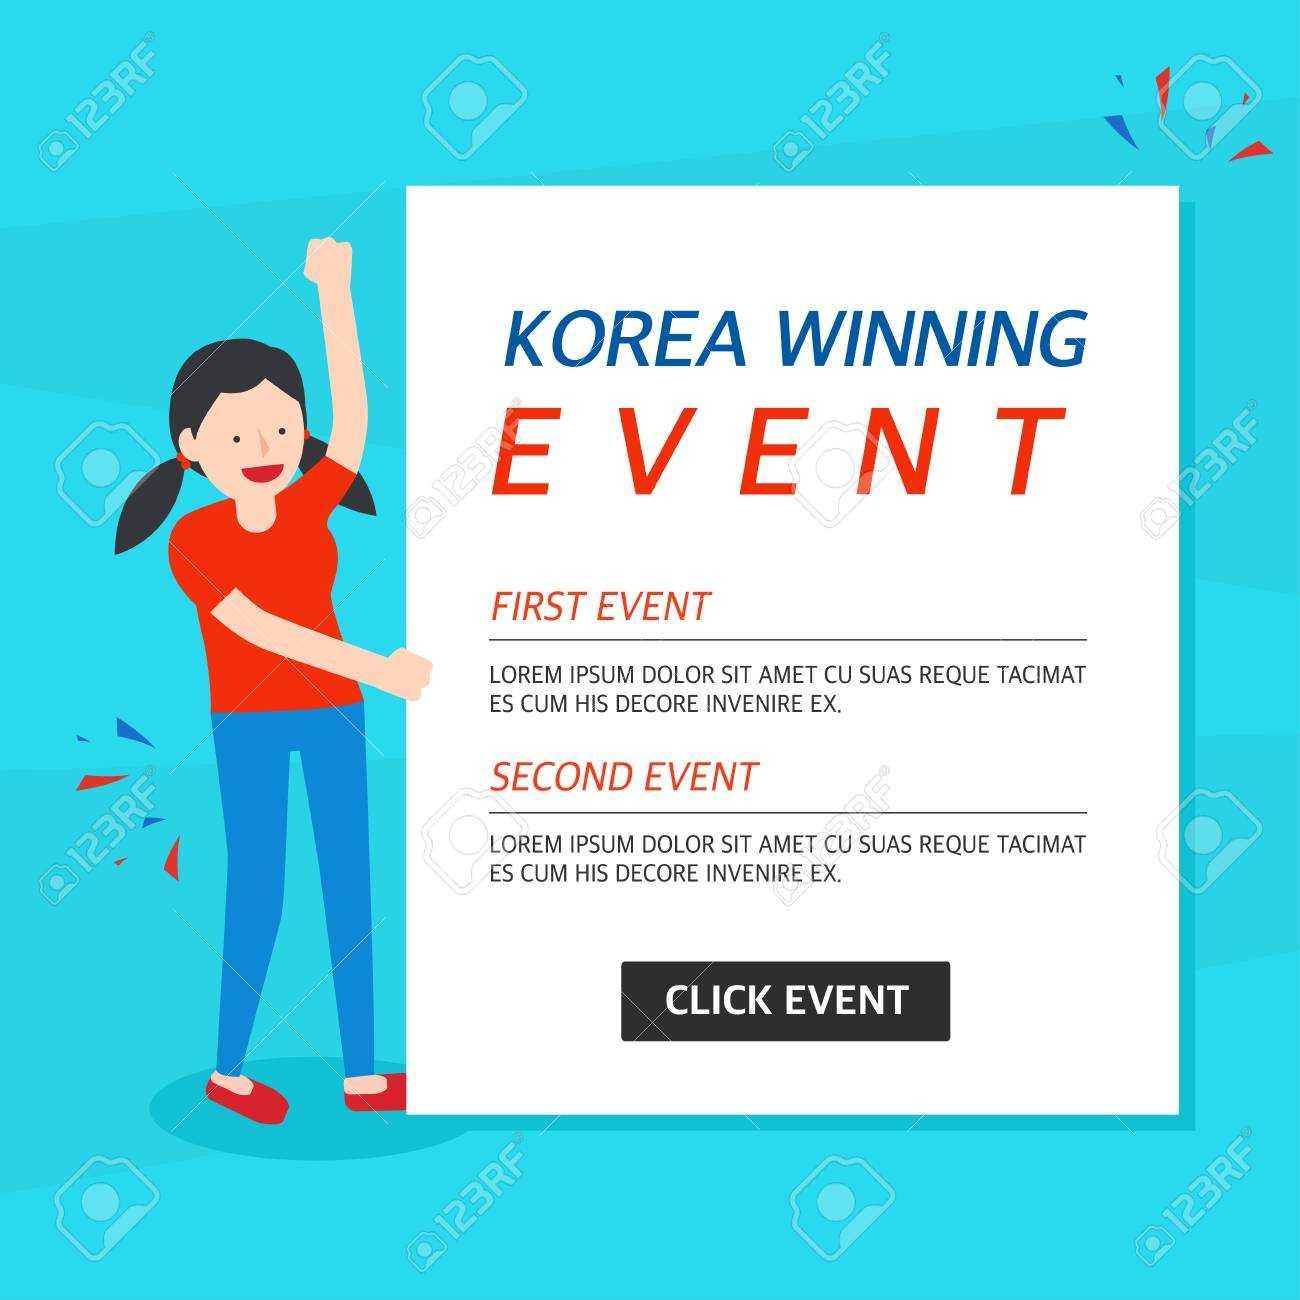 Korea Winning Event Banner Template Throughout Event Banner Template